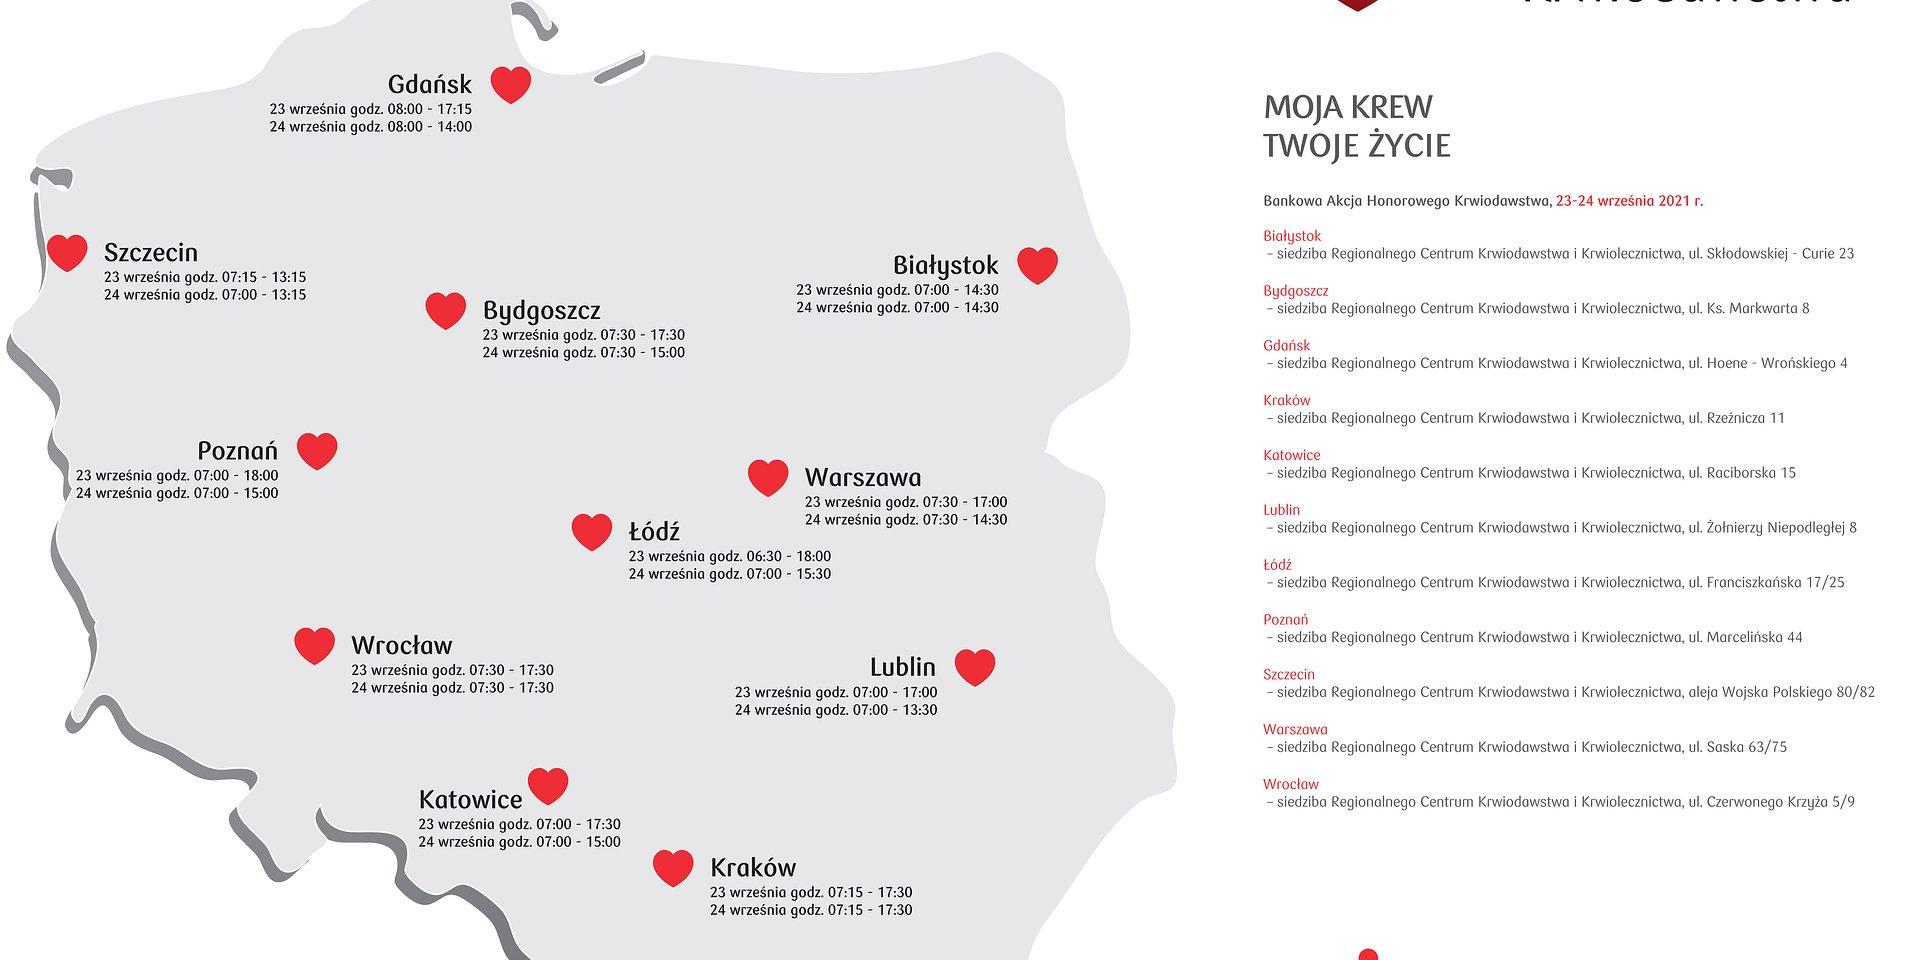 Jesienna Bankowa Akcja Honorowego Krwiodawstwa w 11 miastach Polski – 23 i 24 września. Oddaj krew i pomóż potrzebującym!